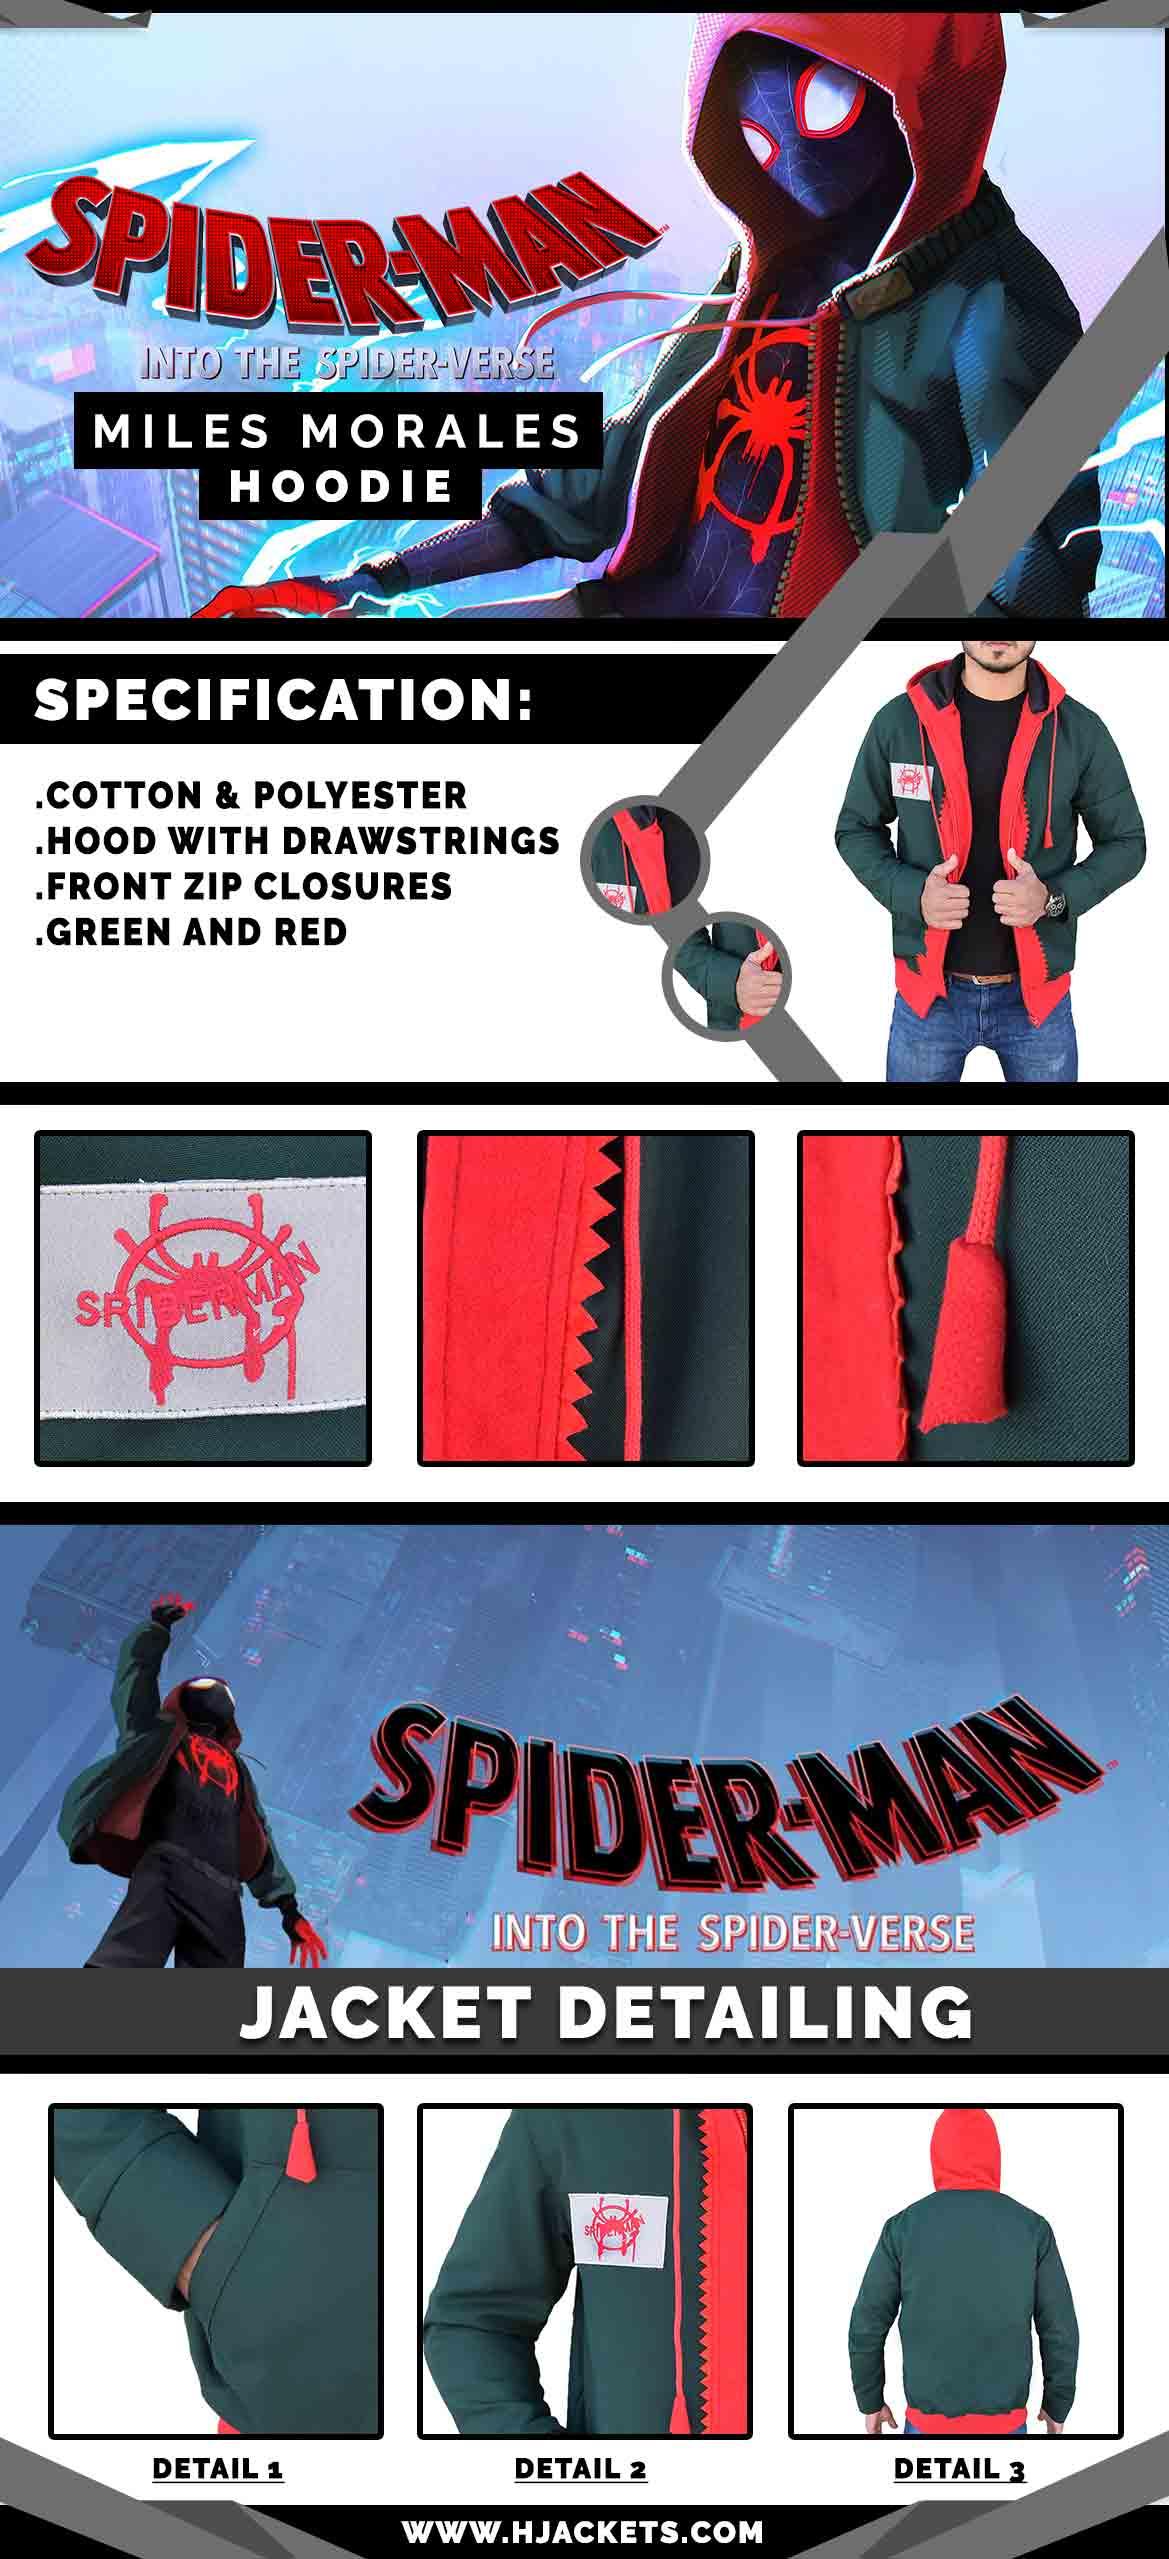 Spider-man Miles Moral Info